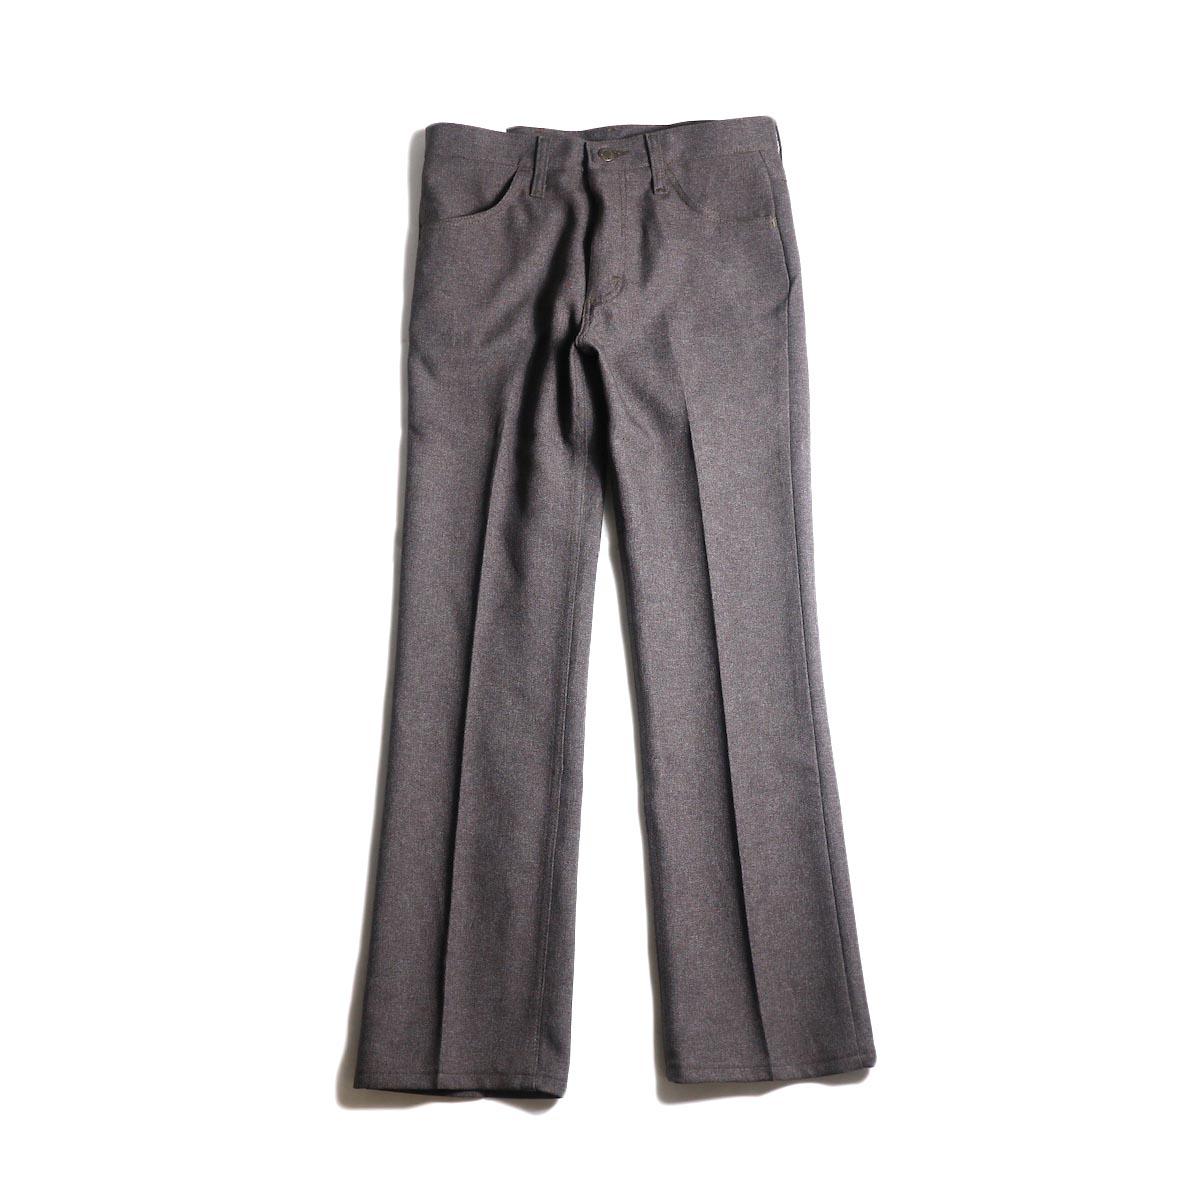 Wrangler / WRANCHER DRESS JEANS (H.Darkchoco)